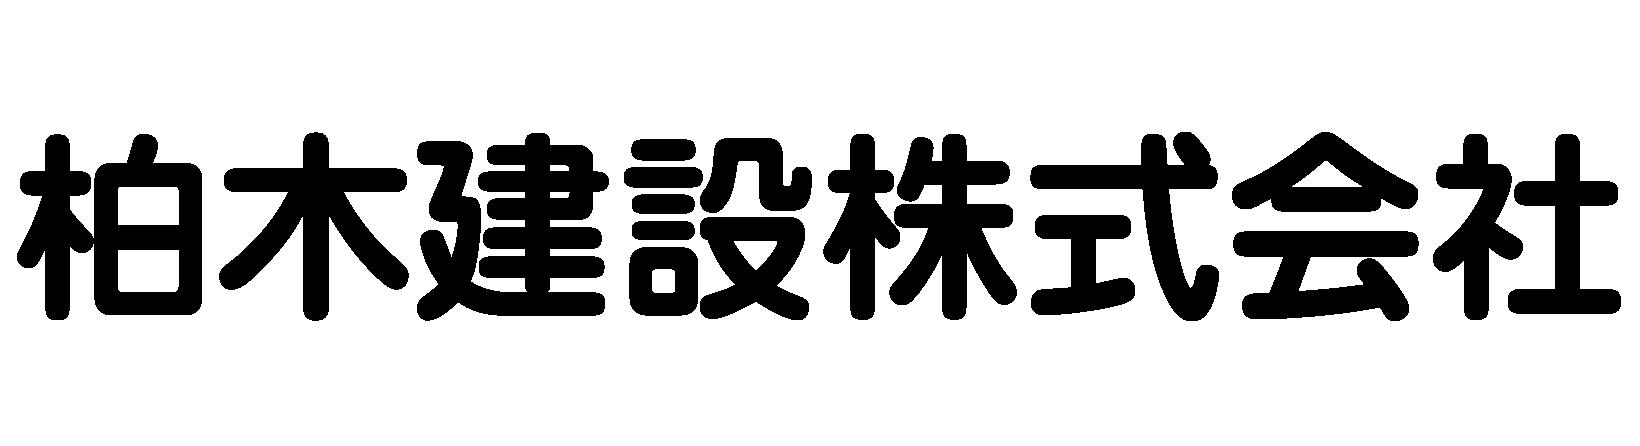 柏木建設株式会社